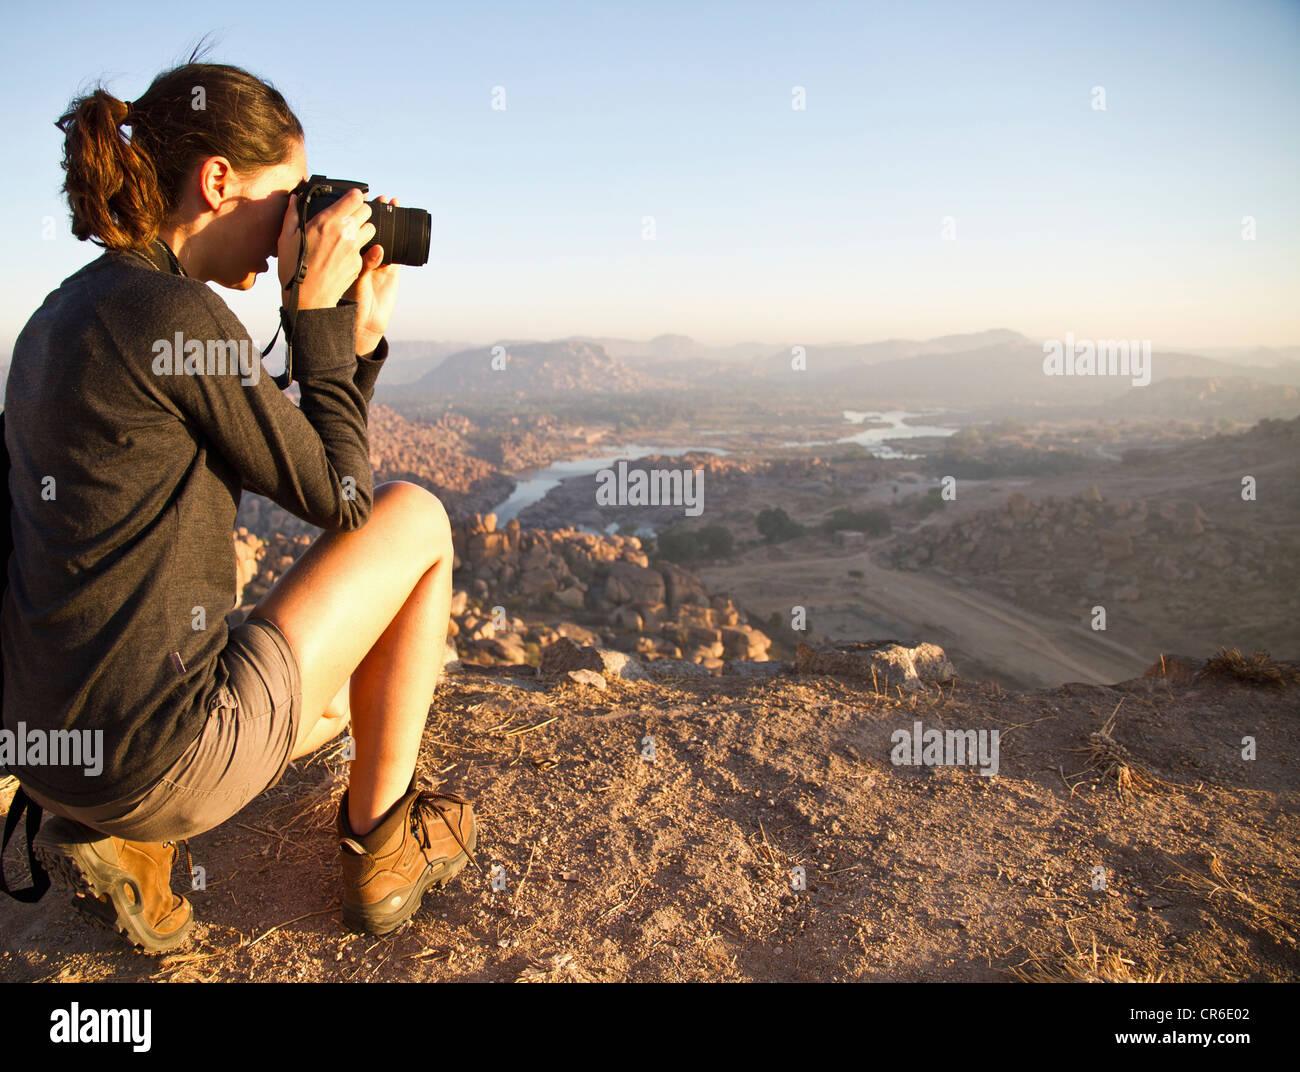 India, Karnataka, giovane turista femminile fotografare sulla sommità della collina di Hampi Immagini Stock